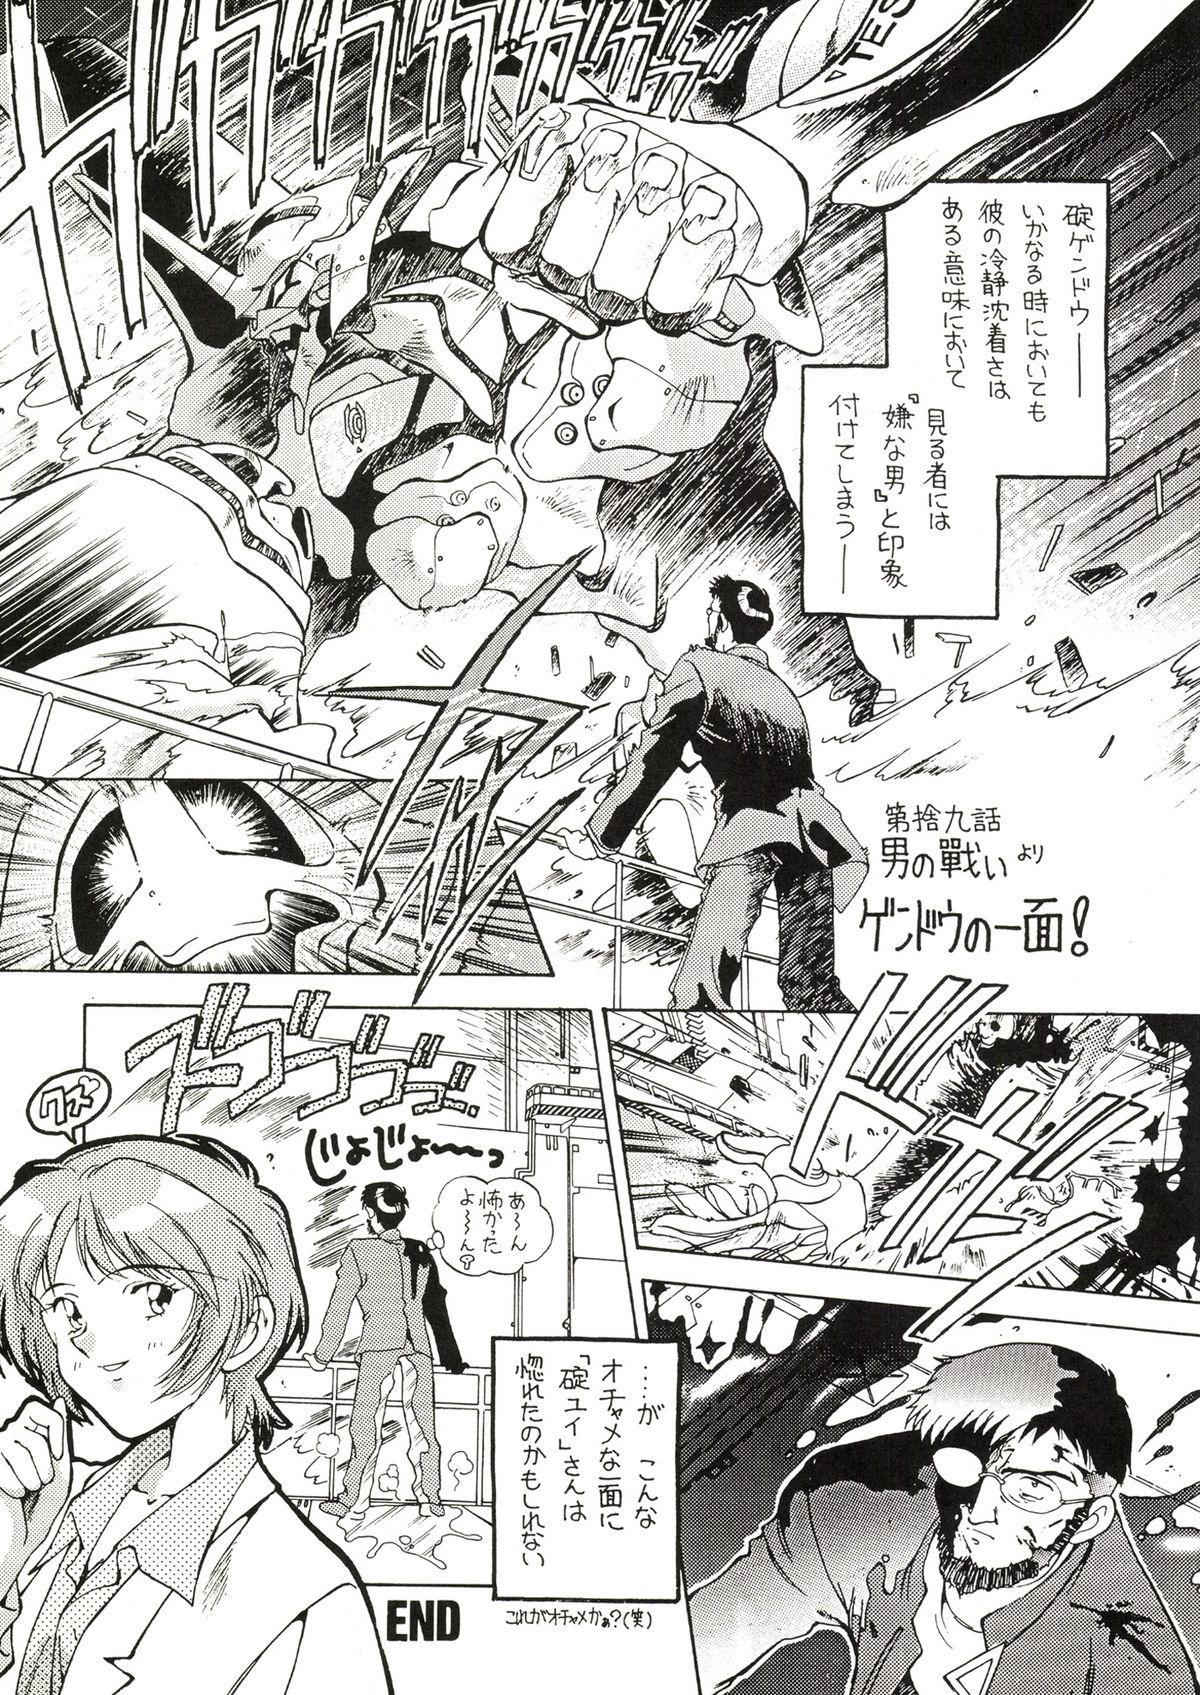 TOKONATSU HEAVEN 23